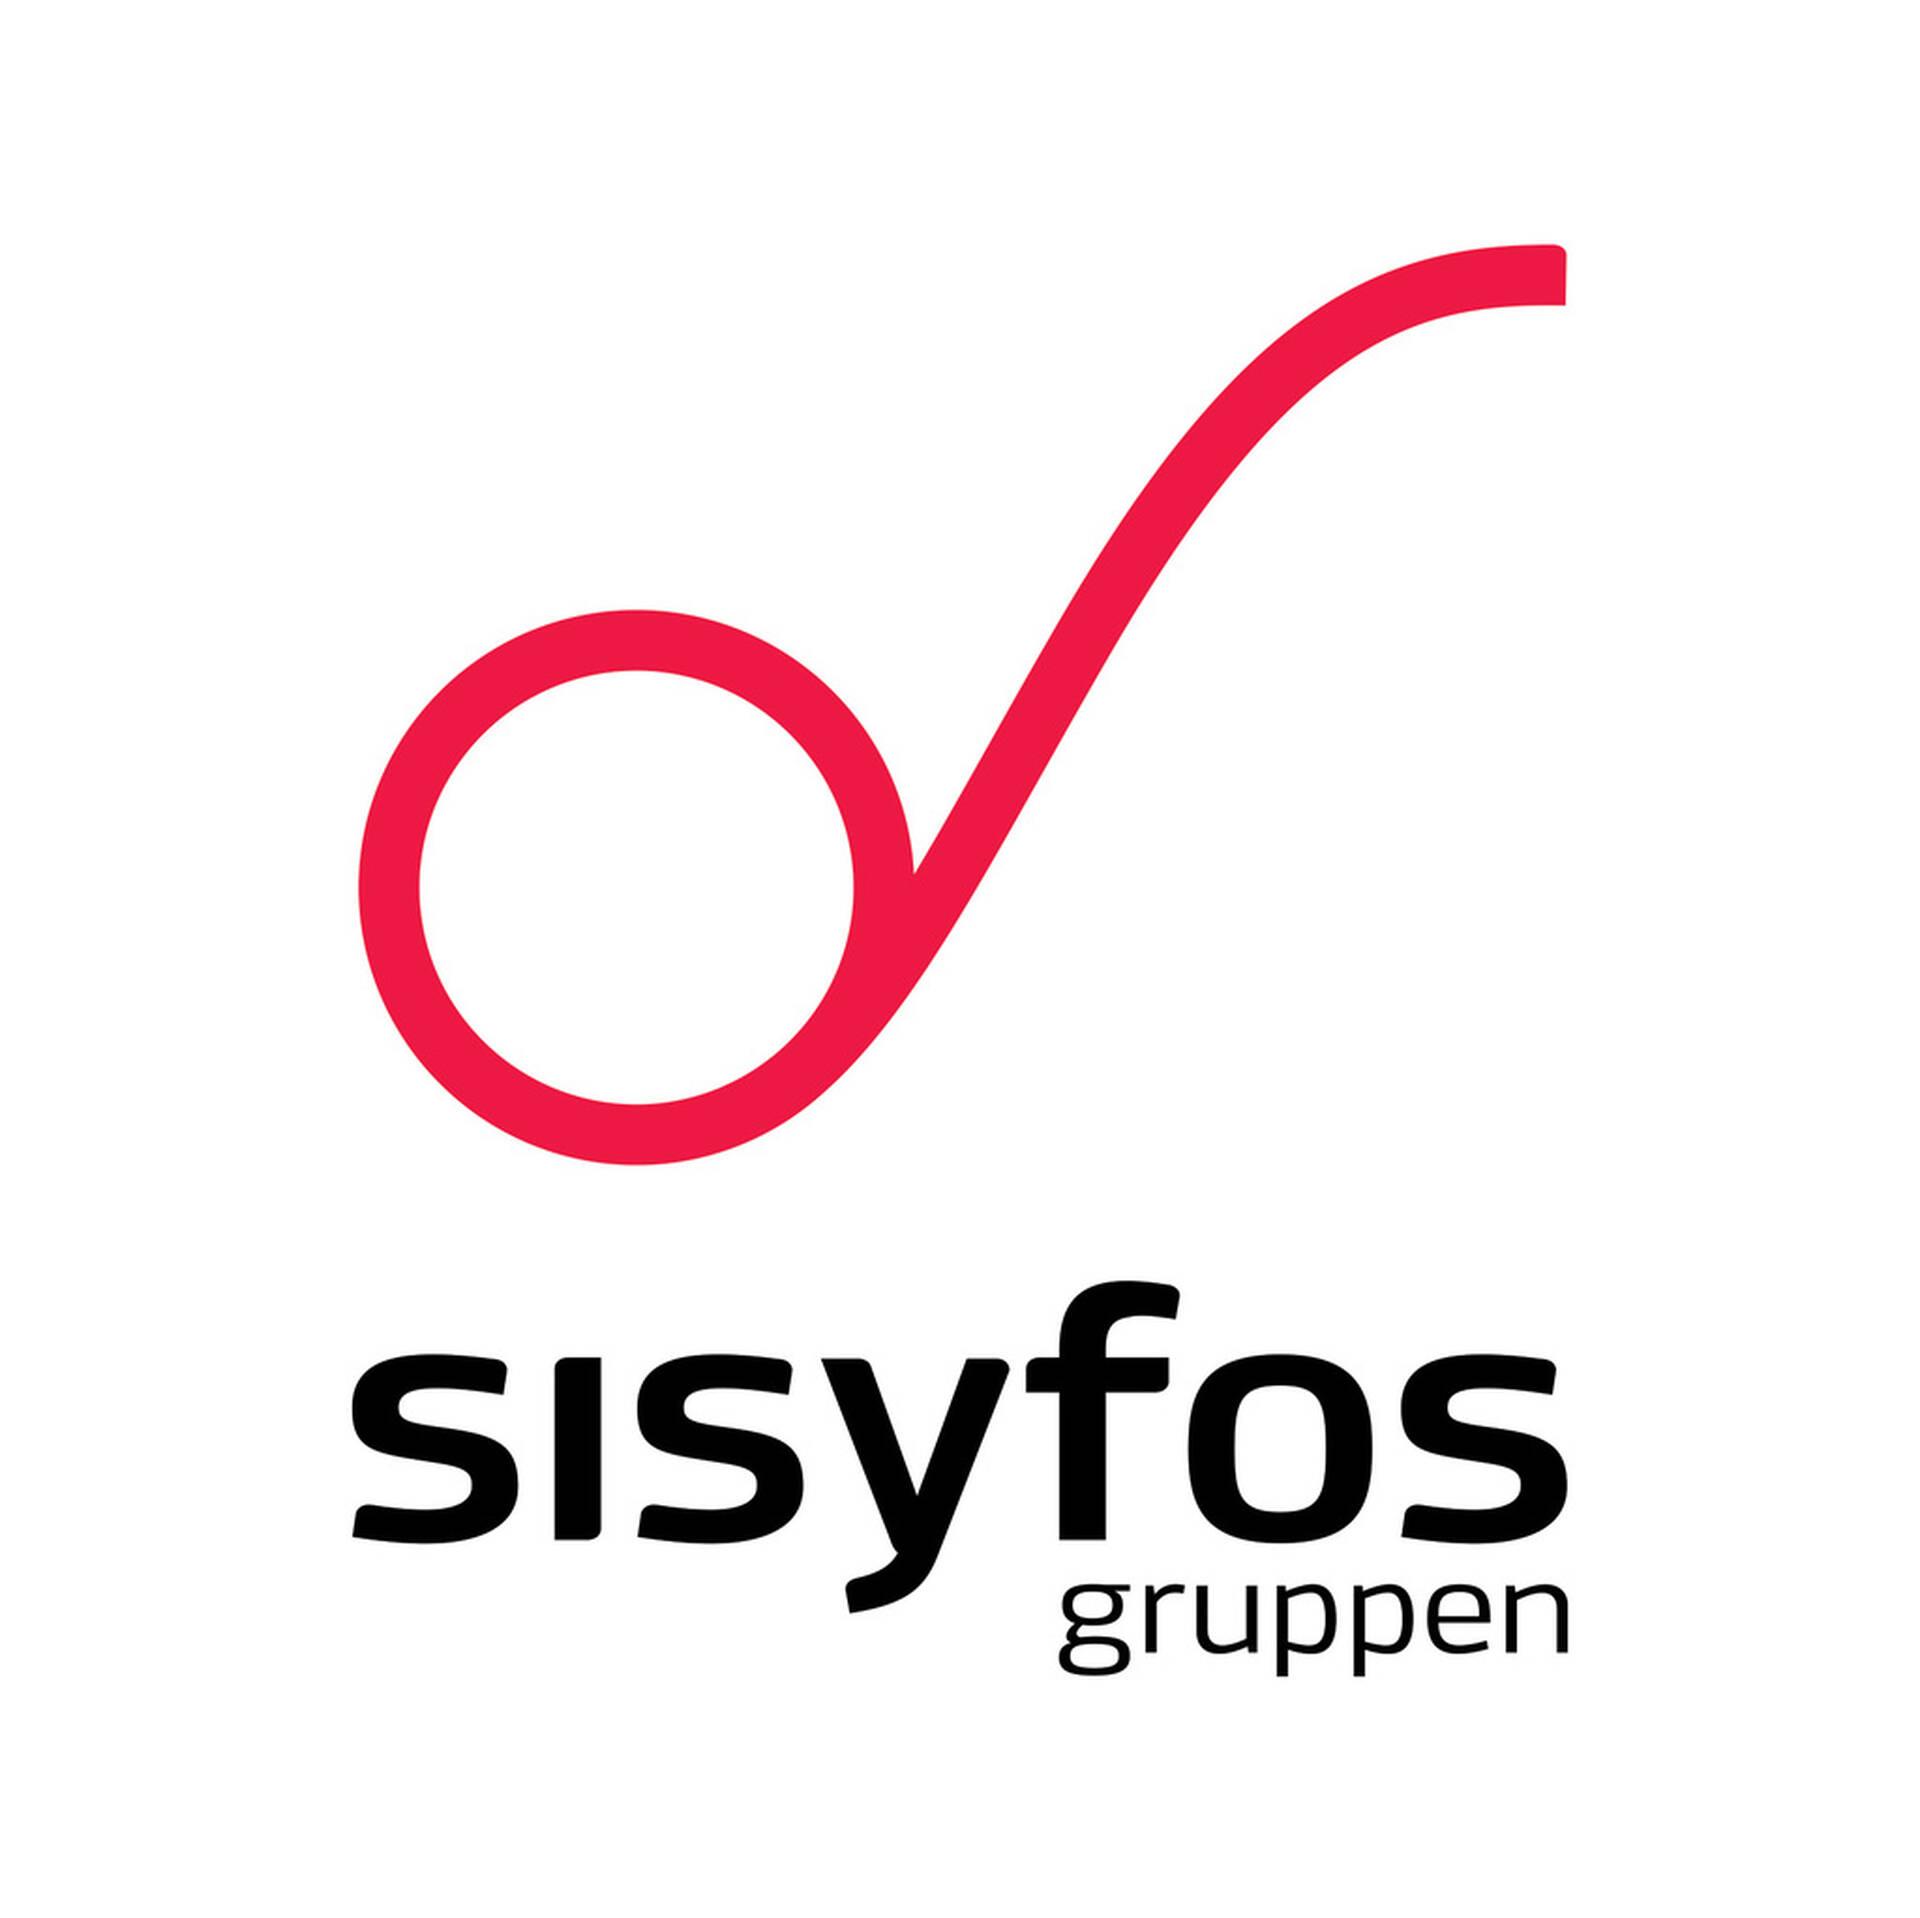 Logo red avsändare